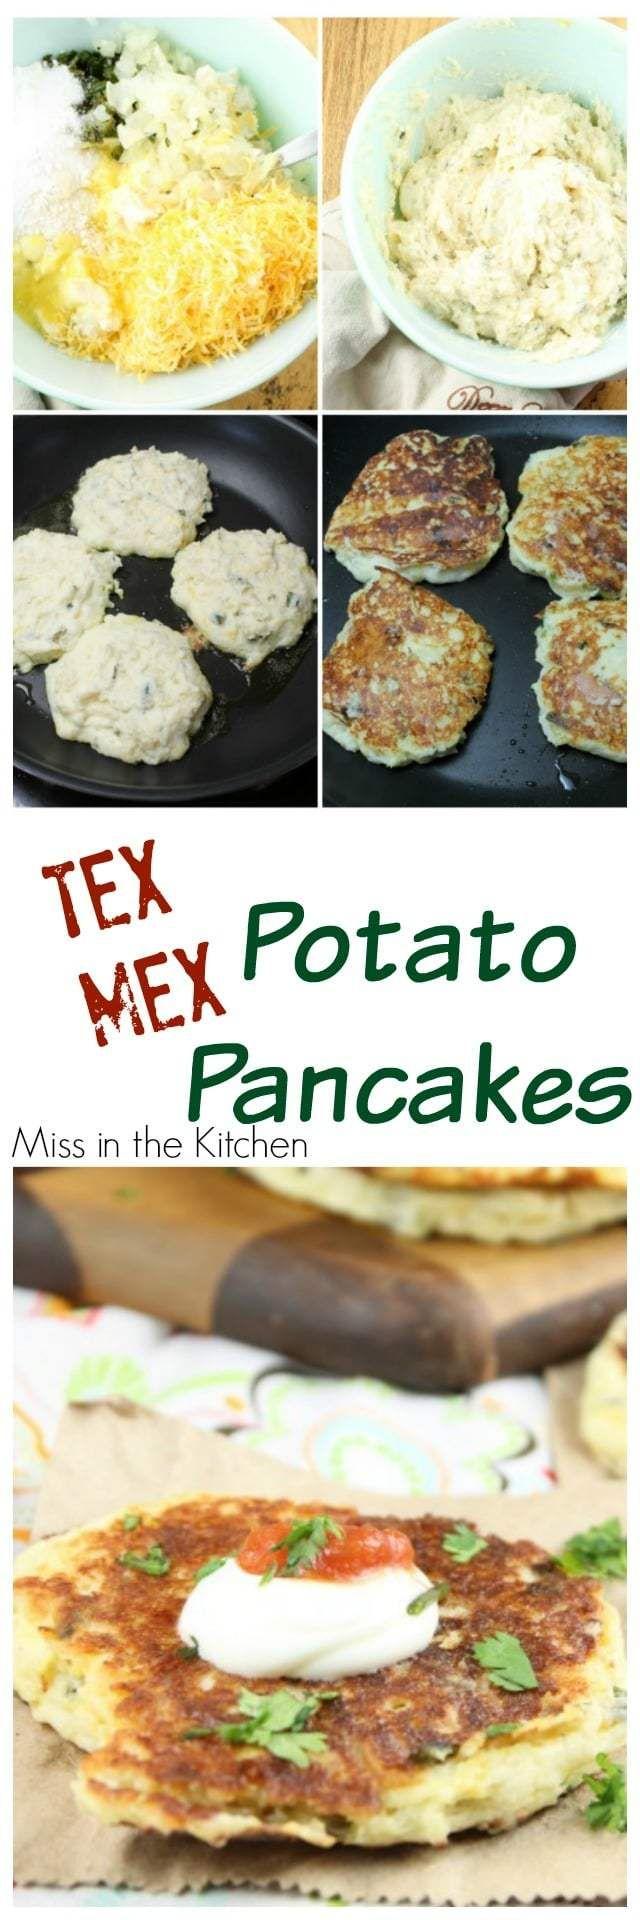 Tex- Mex Potato Pancakes #potatopancakesfrommashedpotatoes